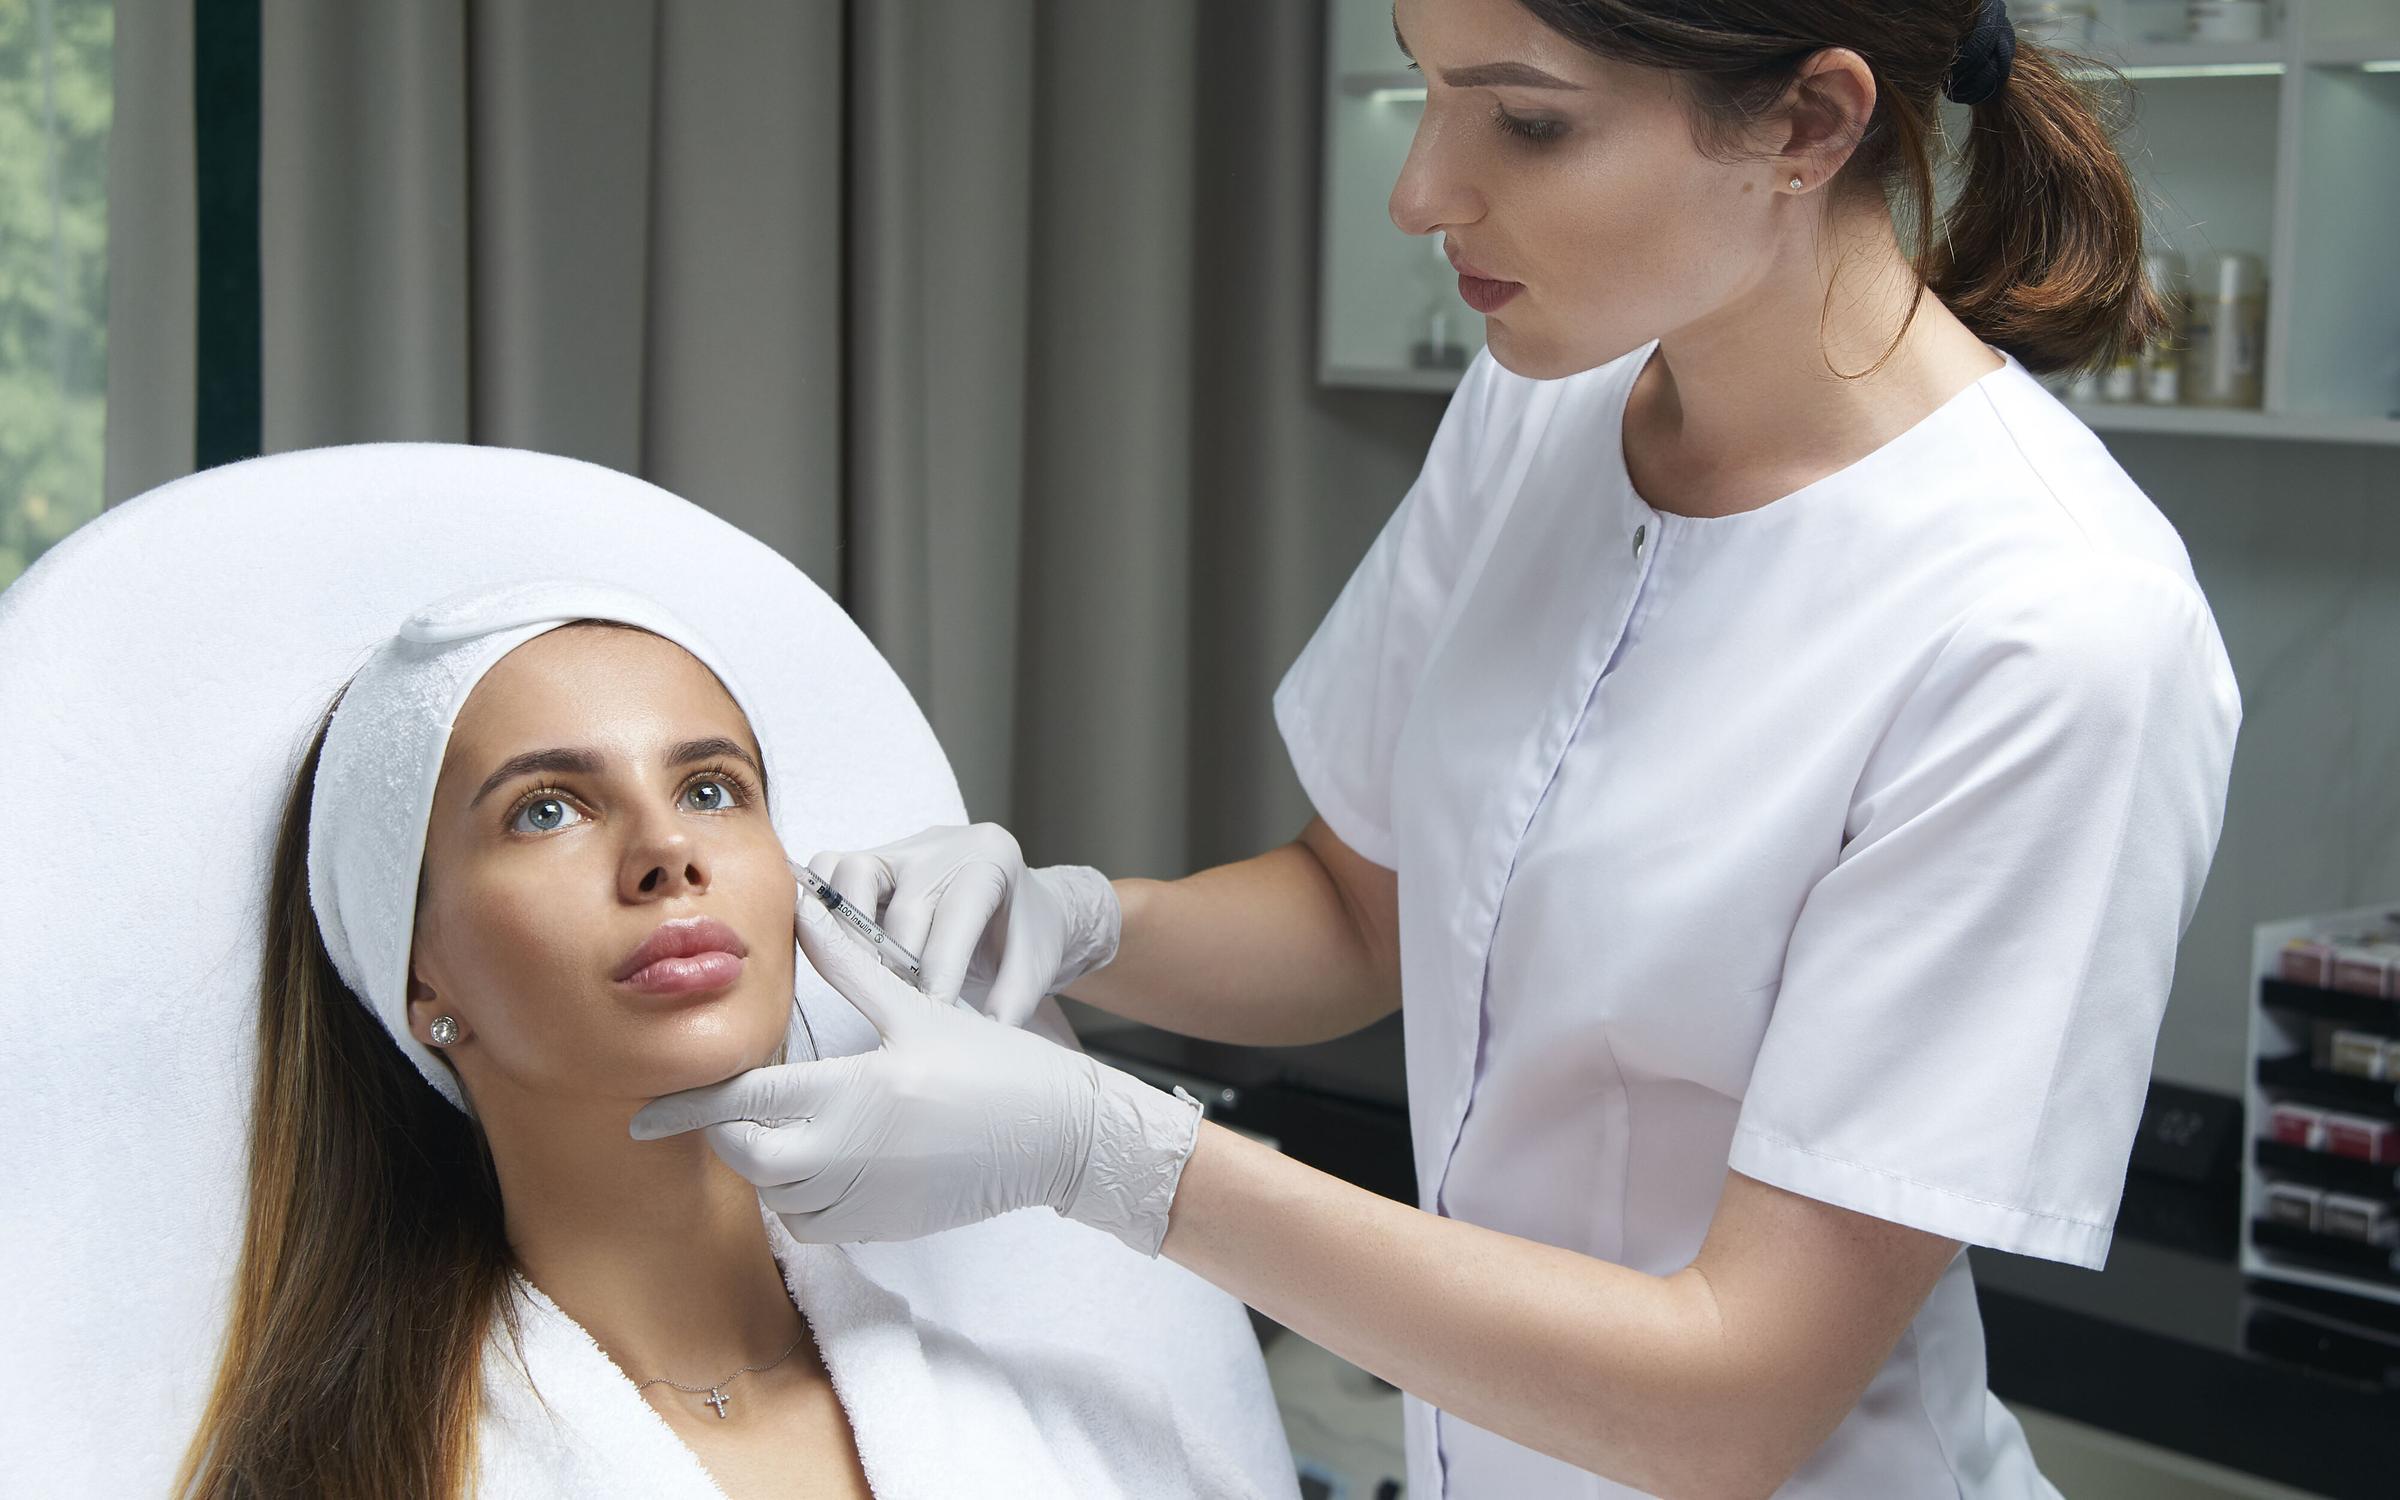 Процедуры в клинике эстетической медицине